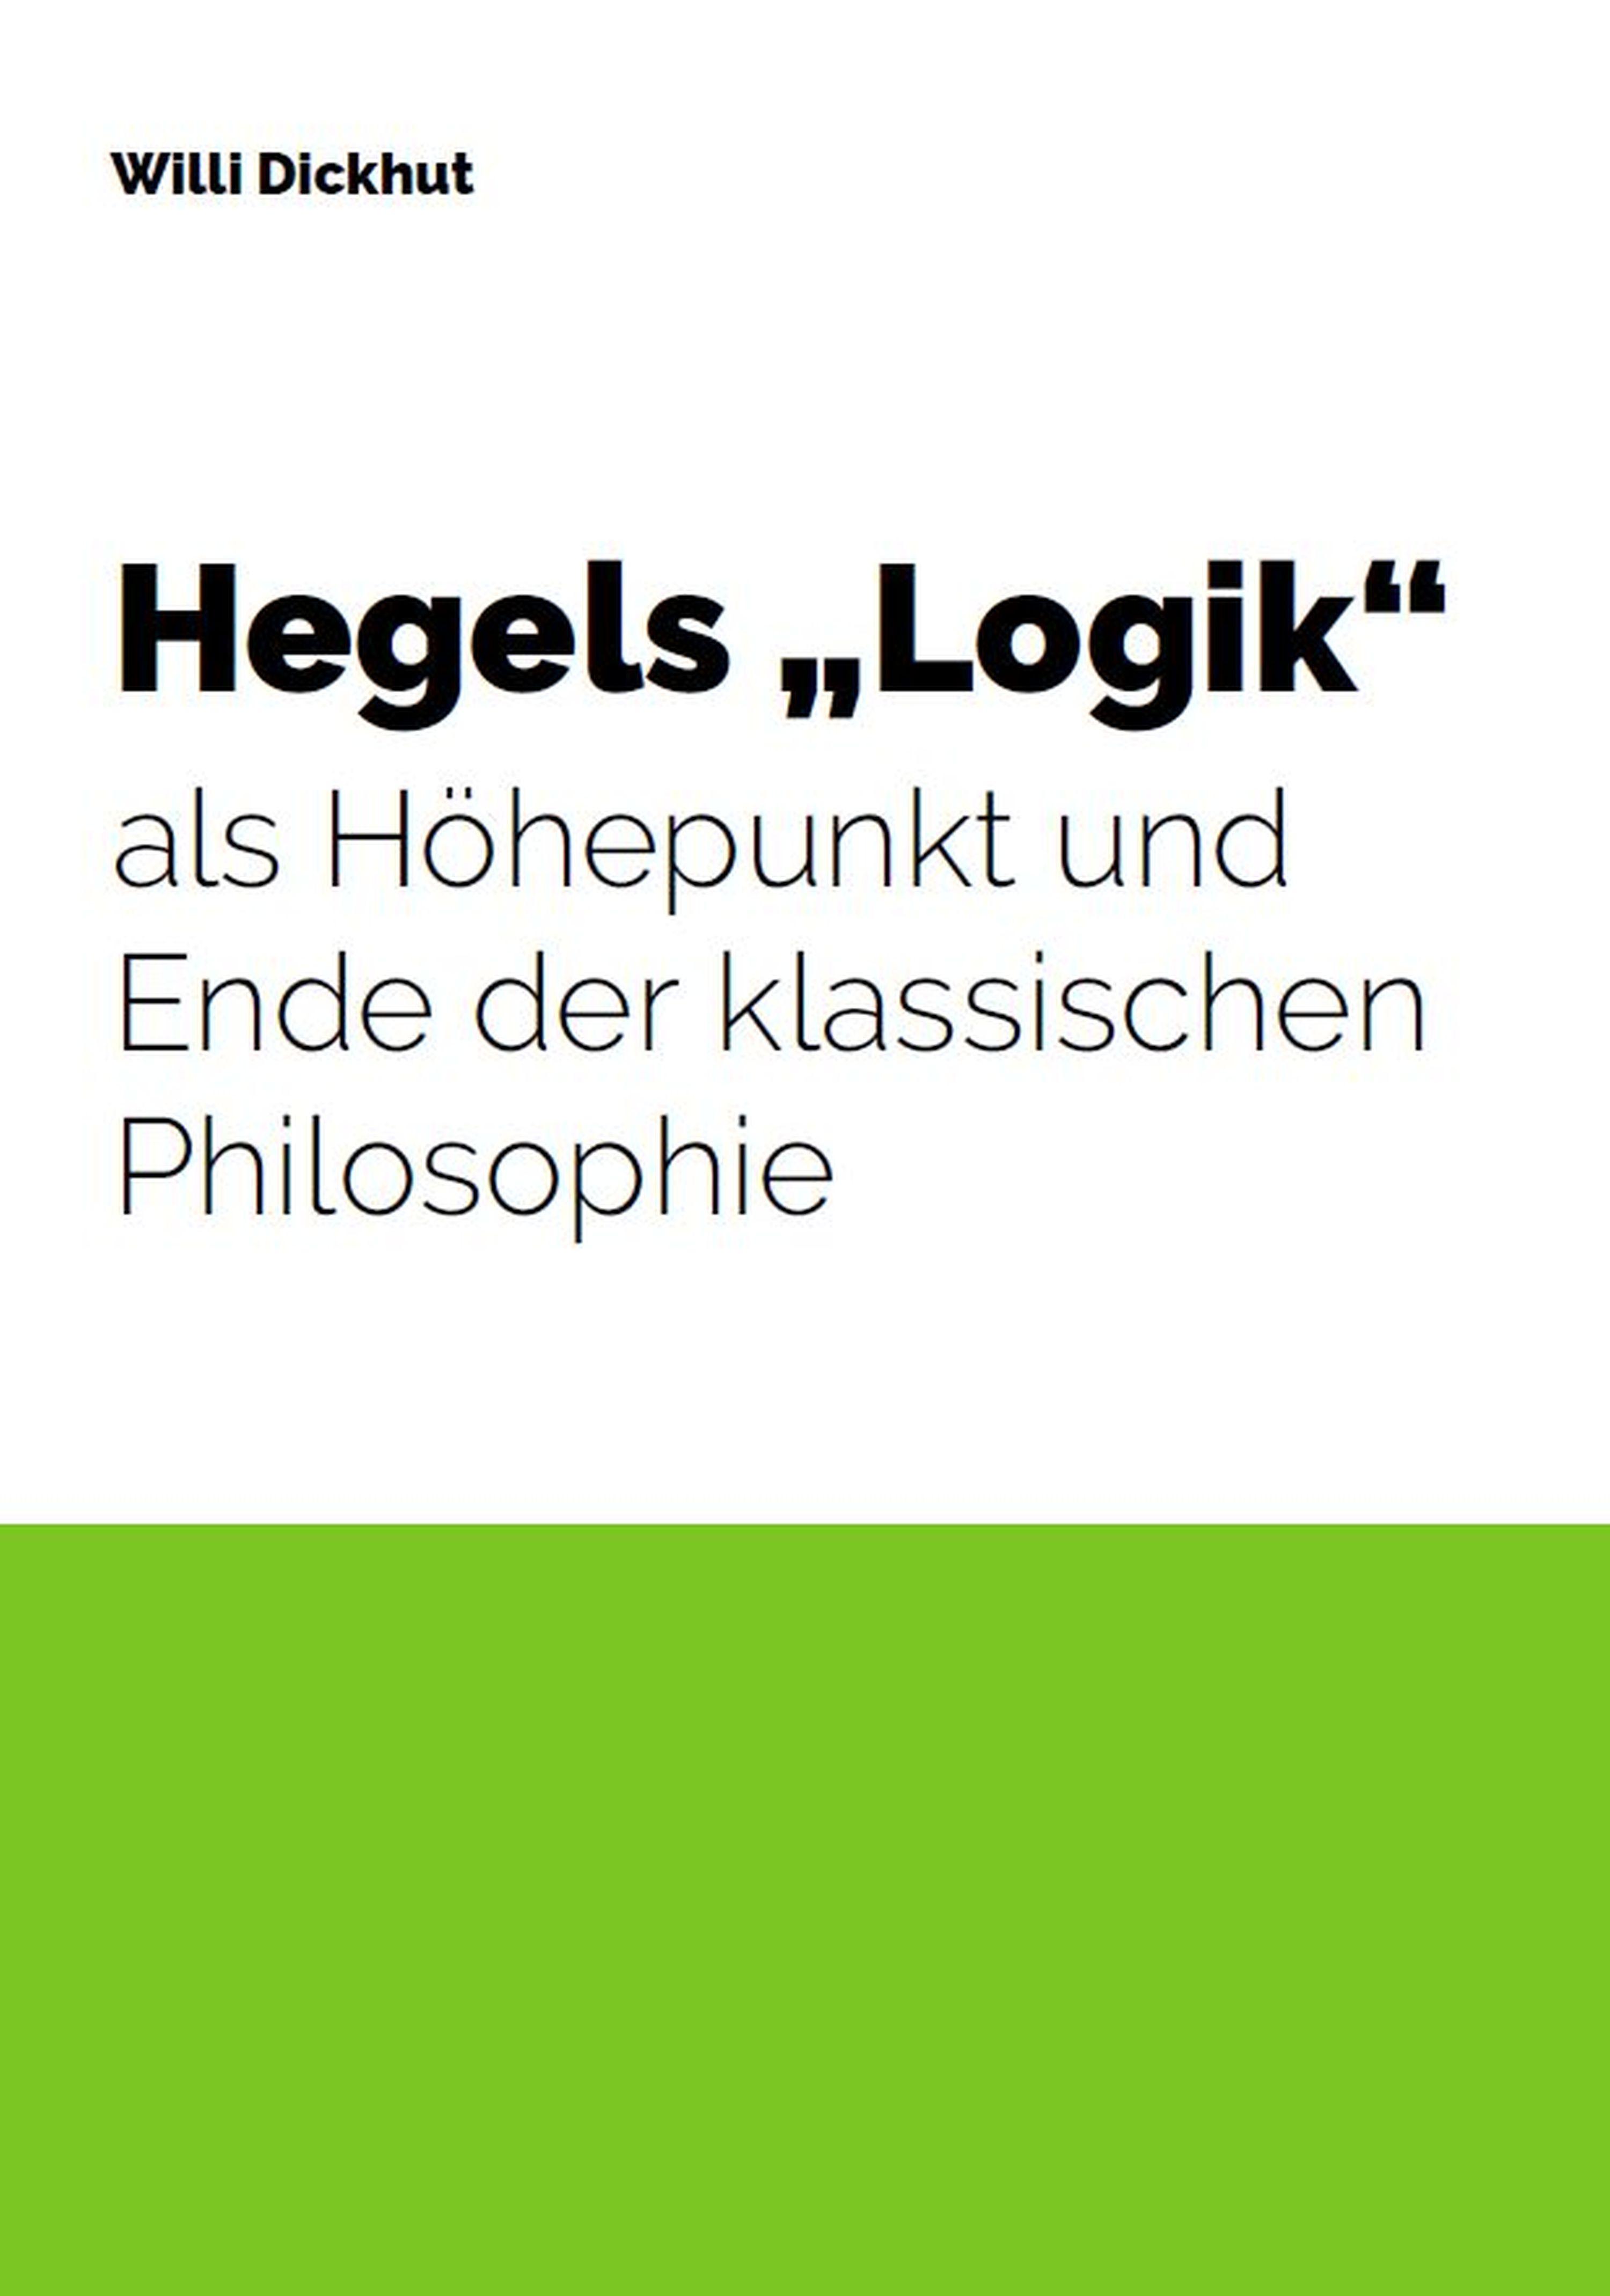 """Hegels """"Logik"""" als Höhepunkt und Ende der klassischen Philosophie"""